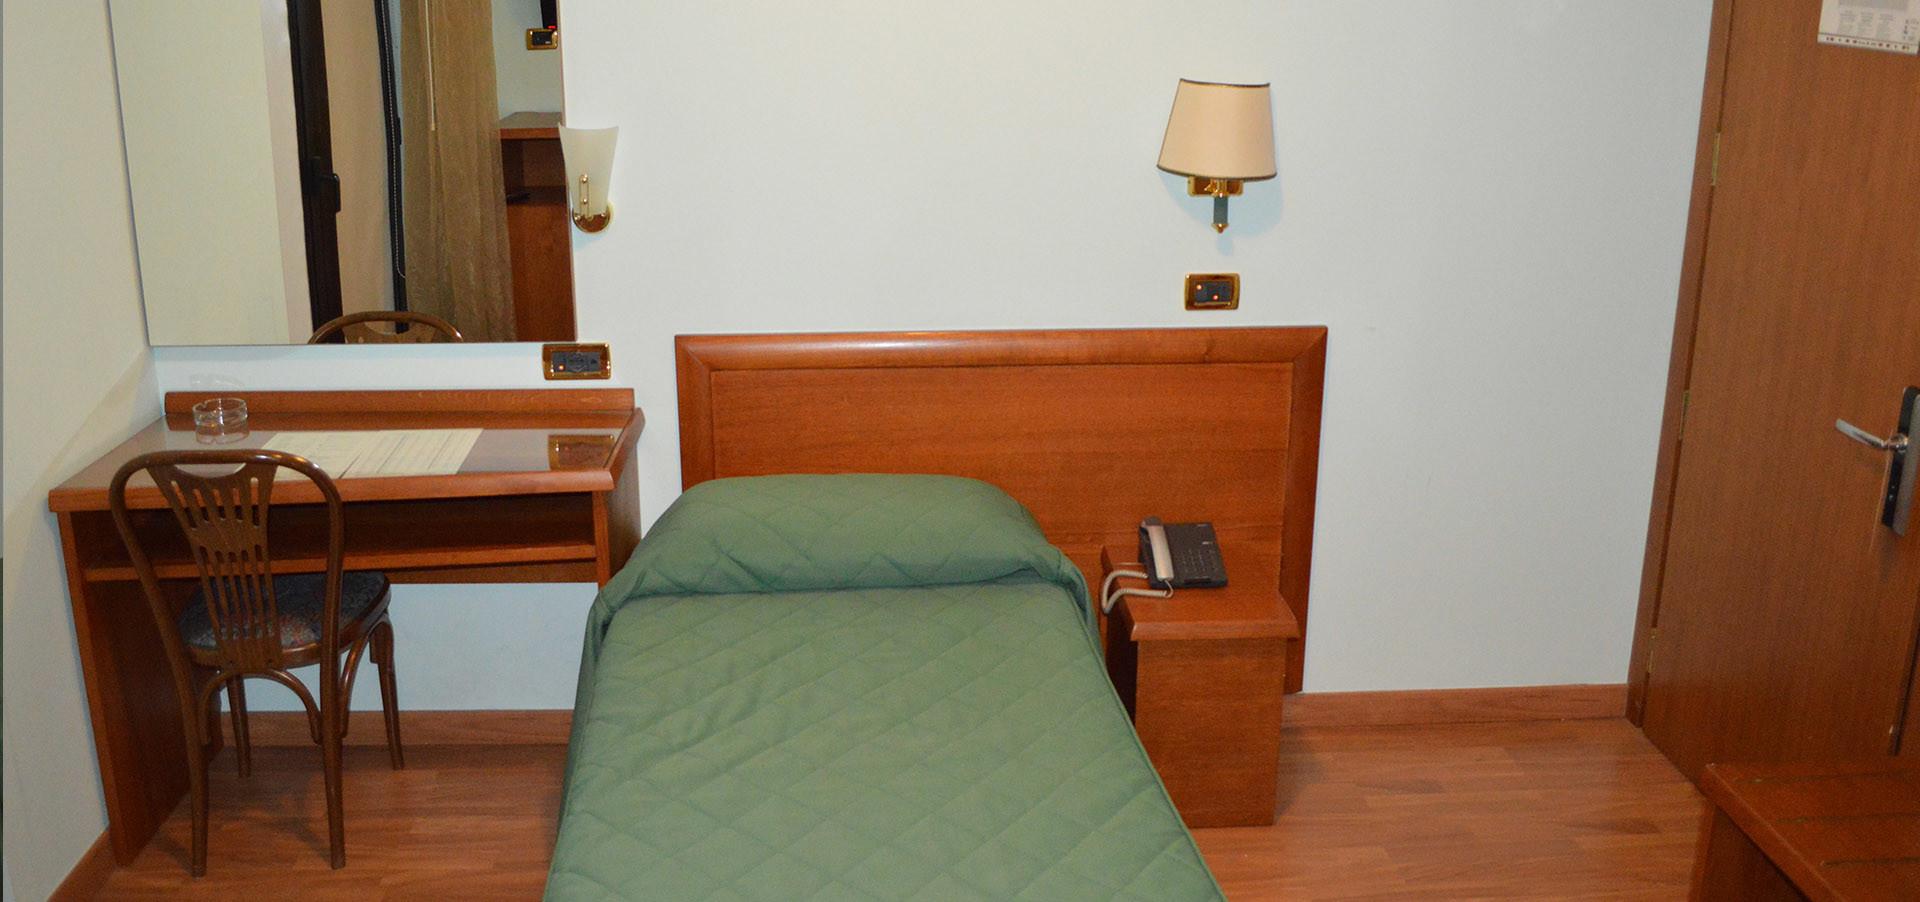 singola_canadian_hotel_l_aquila